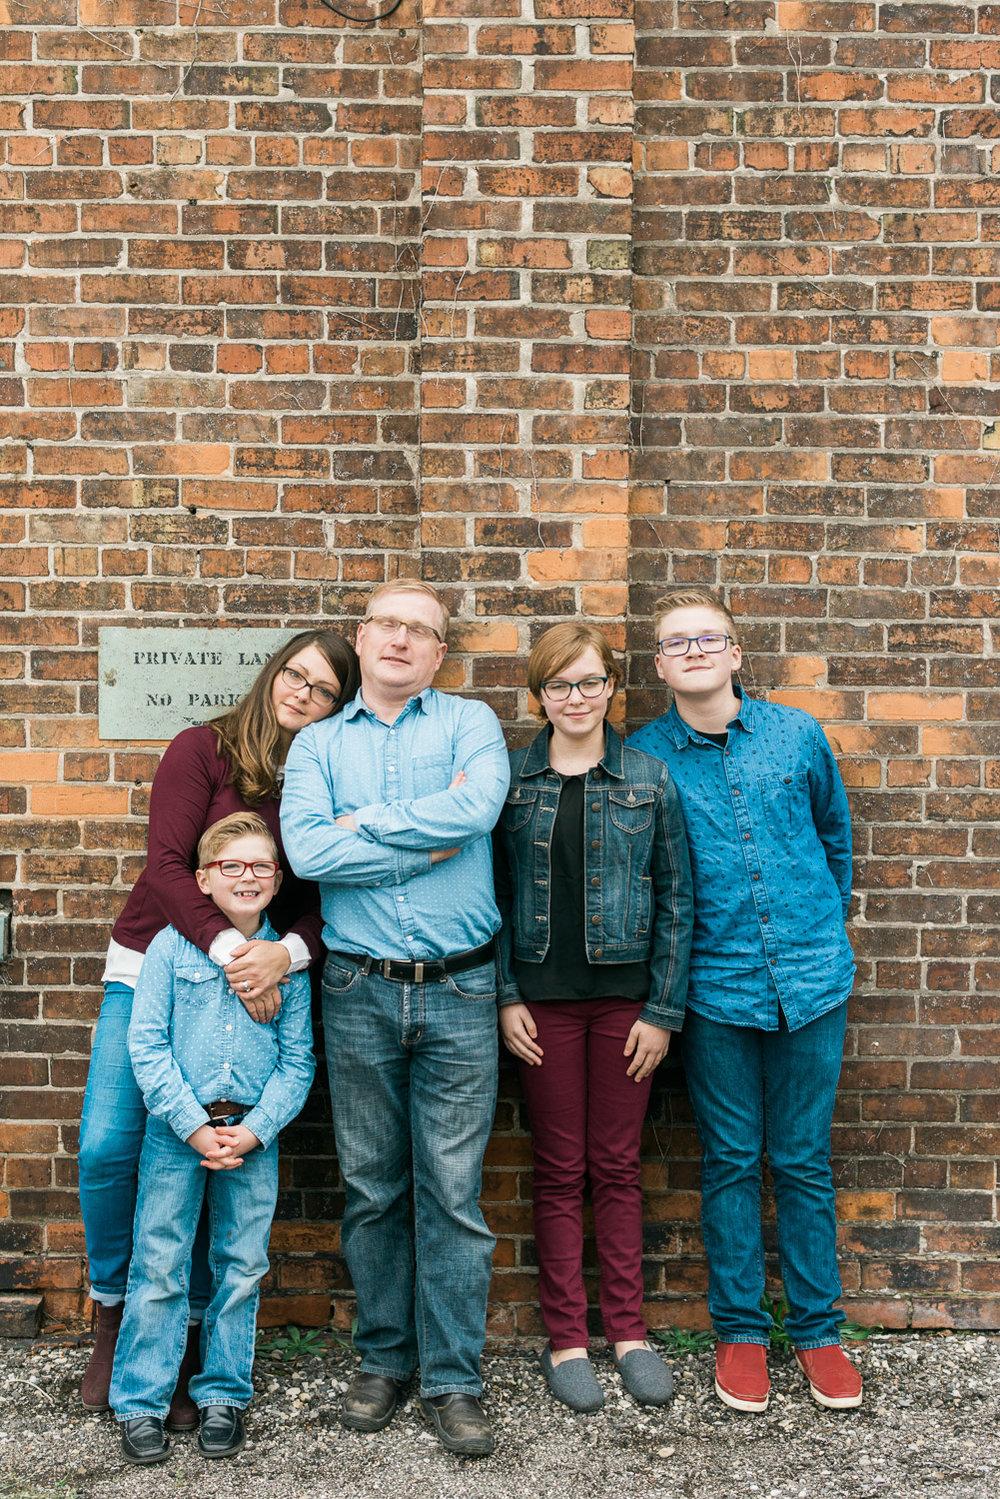 brickwall-family-photo-shoot.jpg